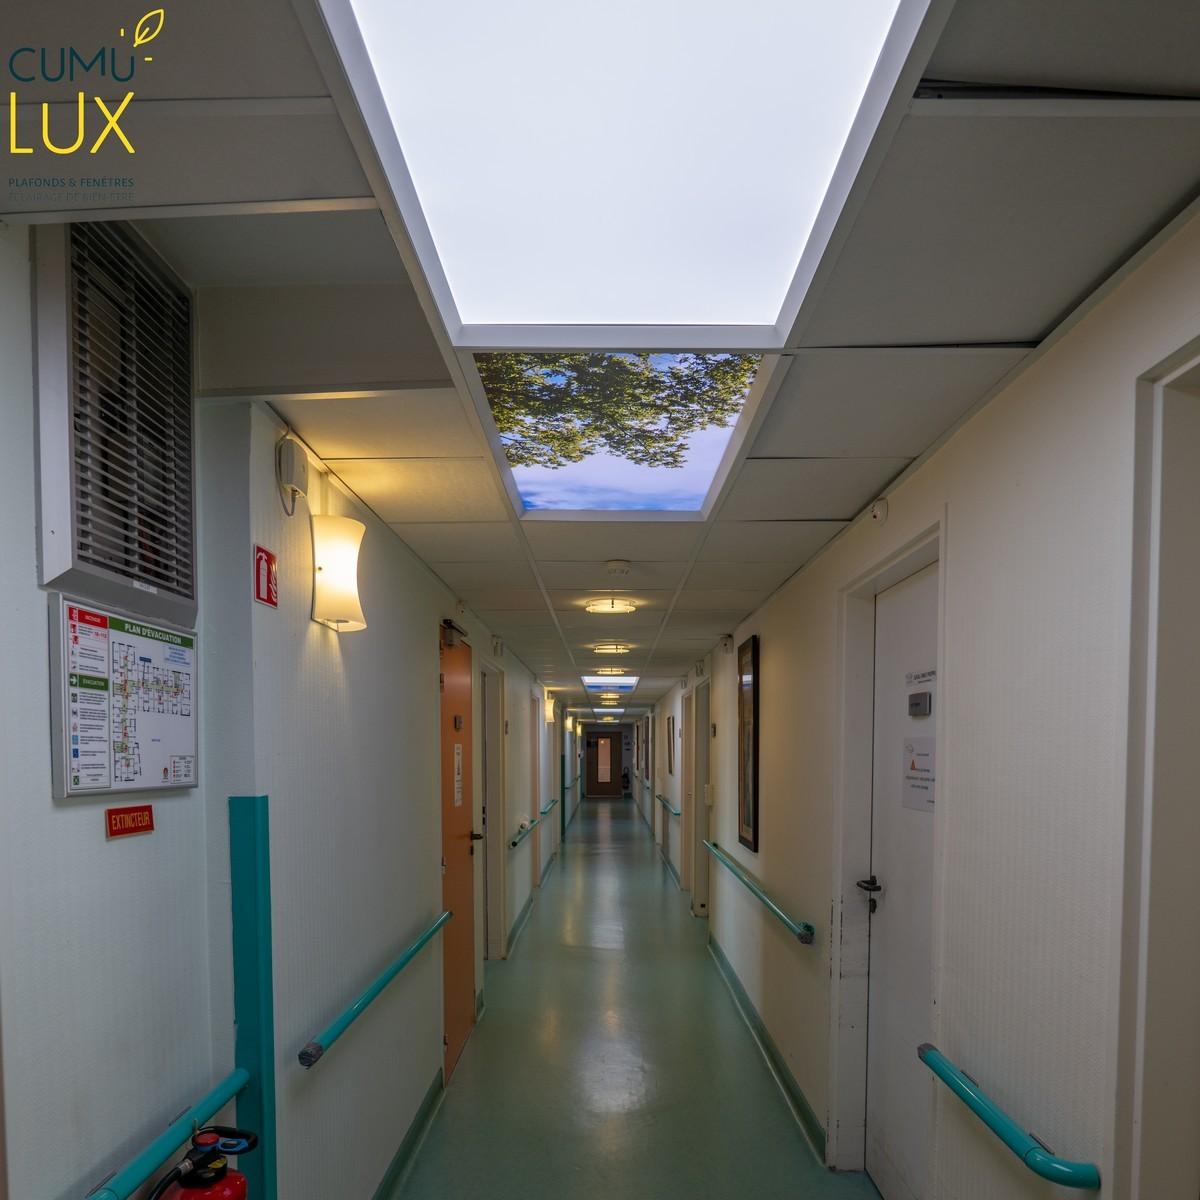 Pavés LED Cumulux trompe l'oeil avec une illusion de vue panoramique sur le ciel.